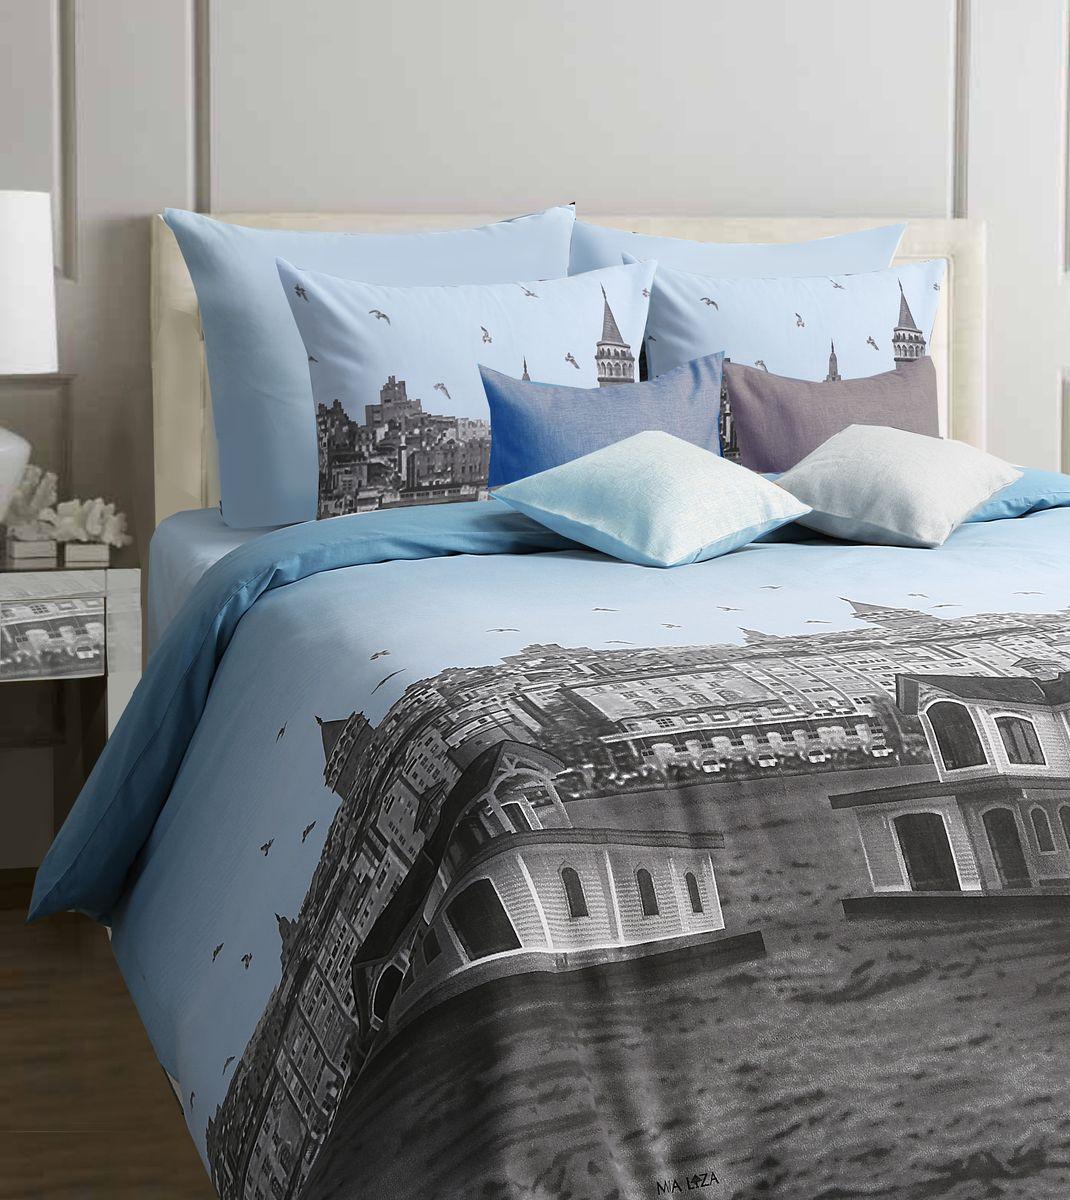 Комплект белья Mona Liza Istanbul, семейный, наволочки 70x70, цвет: голубой552405/10Коллекция постельного белья MONA LIZA Classic поражает многообразием дизайнов. Среди них легко подобрать необходимый рисунок, который создаст в доме уют. Комплекты выполнены из бязи 100 % хлопка.